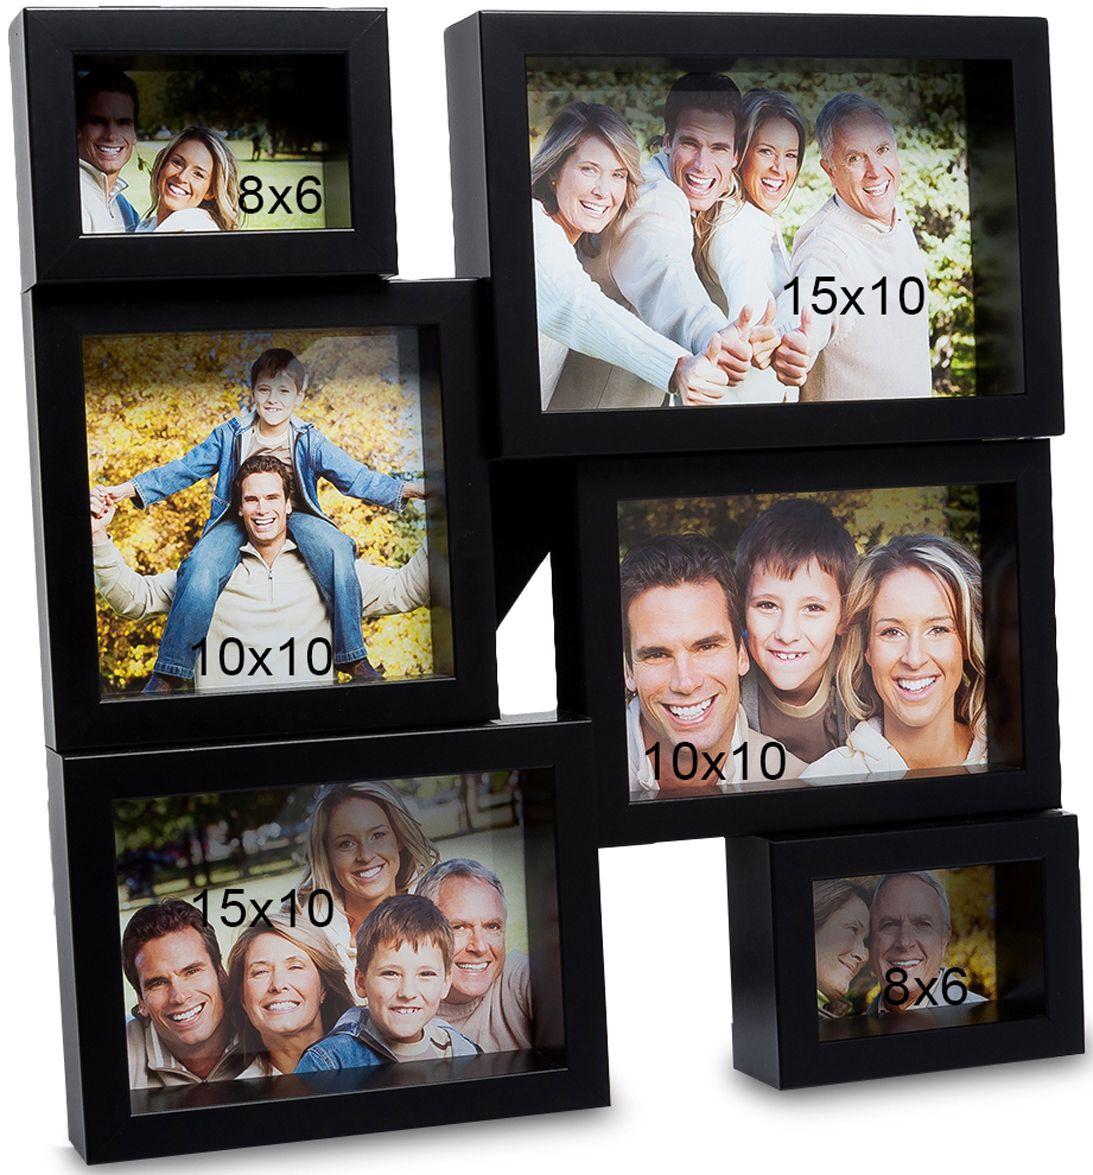 Панно из фоторамок Bellezza Casa Семейная история, на 6 фото: 8х6, 10х10, 15х10. CHK-138CHK-138Панно из фоторамок на 6 фото для фотографий 8х6, 10х10 и 15х10 см.Раньше считалось, что фоторамка в подарок – это что-то глупое и, что у человека ее подарившего нет фантазии. Но времена меняются и фоторамку Семейная история несомненно, захотели бы получить все, кто ее видели. Фоторамка выполнена из пластика, черная отделка смотрится современно, модно. А еще, сама рамка, рассчитанная на 6 фотографий, станет модной изюминкой любой комнаты, будь-то гостиная или спальня.